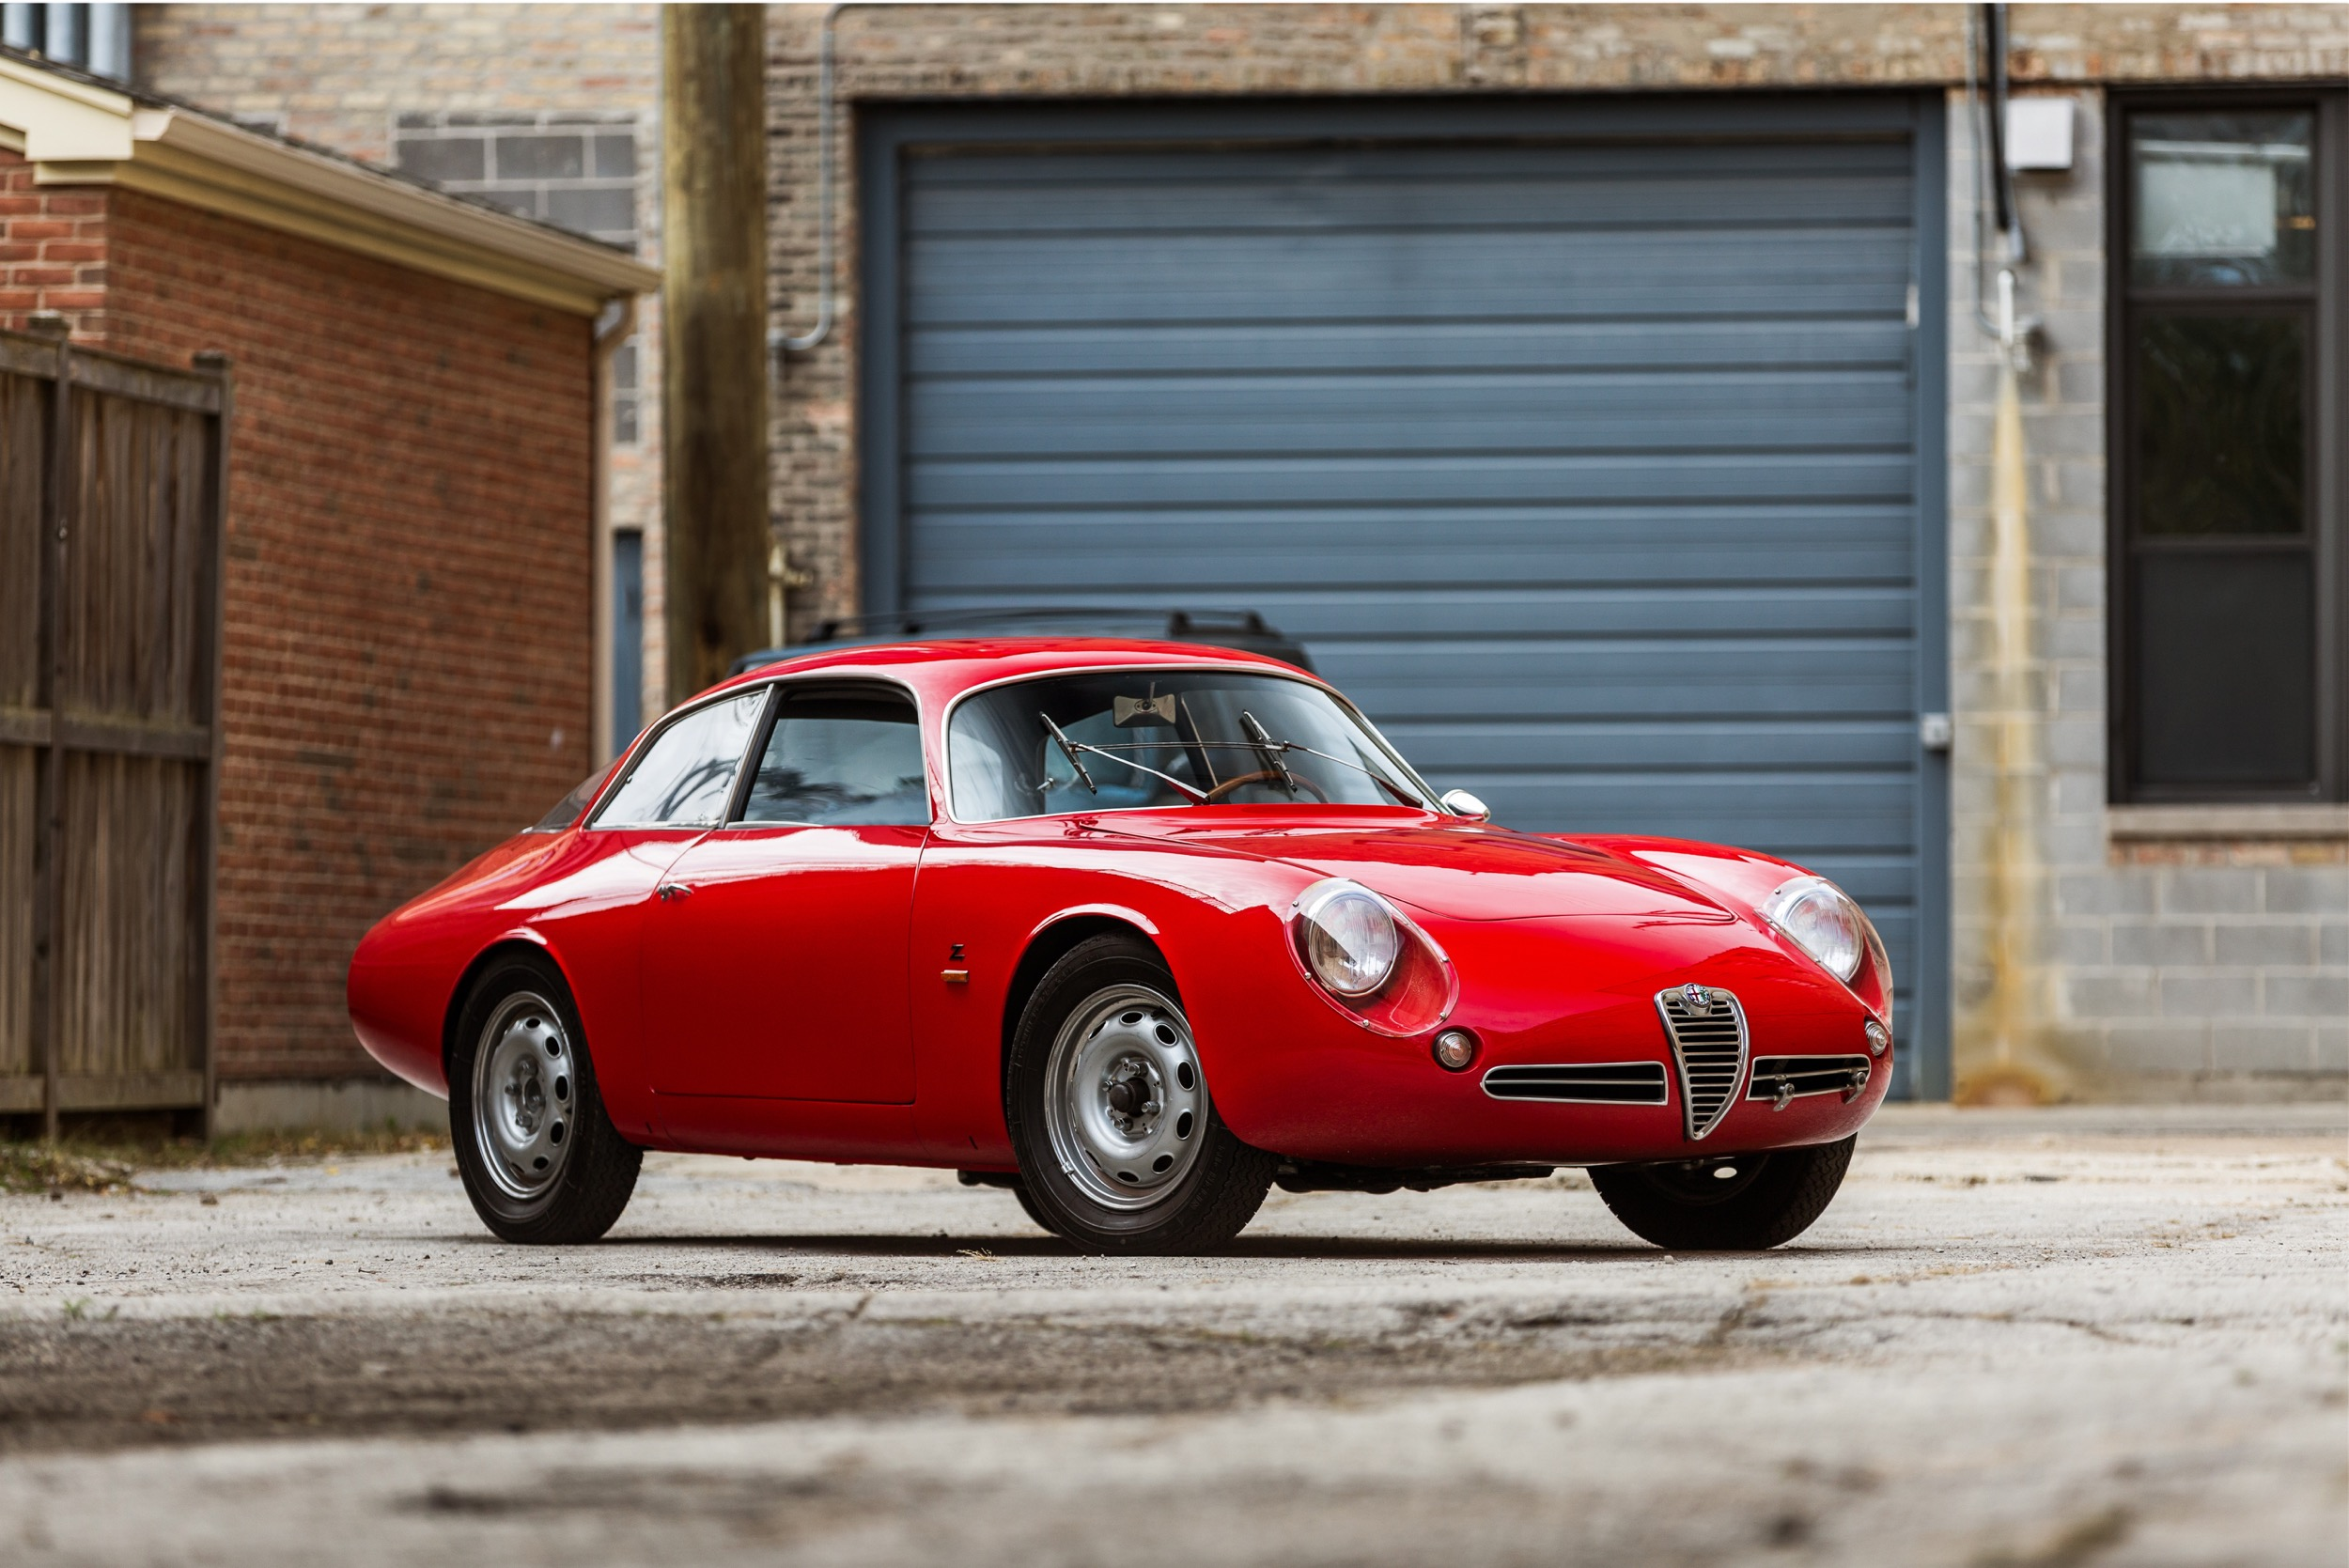 10126 Giulietta Sz Radicalmag 1961 Alfa Romeo Spider Heck Die Bersicht Ber Alle Hier Und Unser Kleines Lexikon